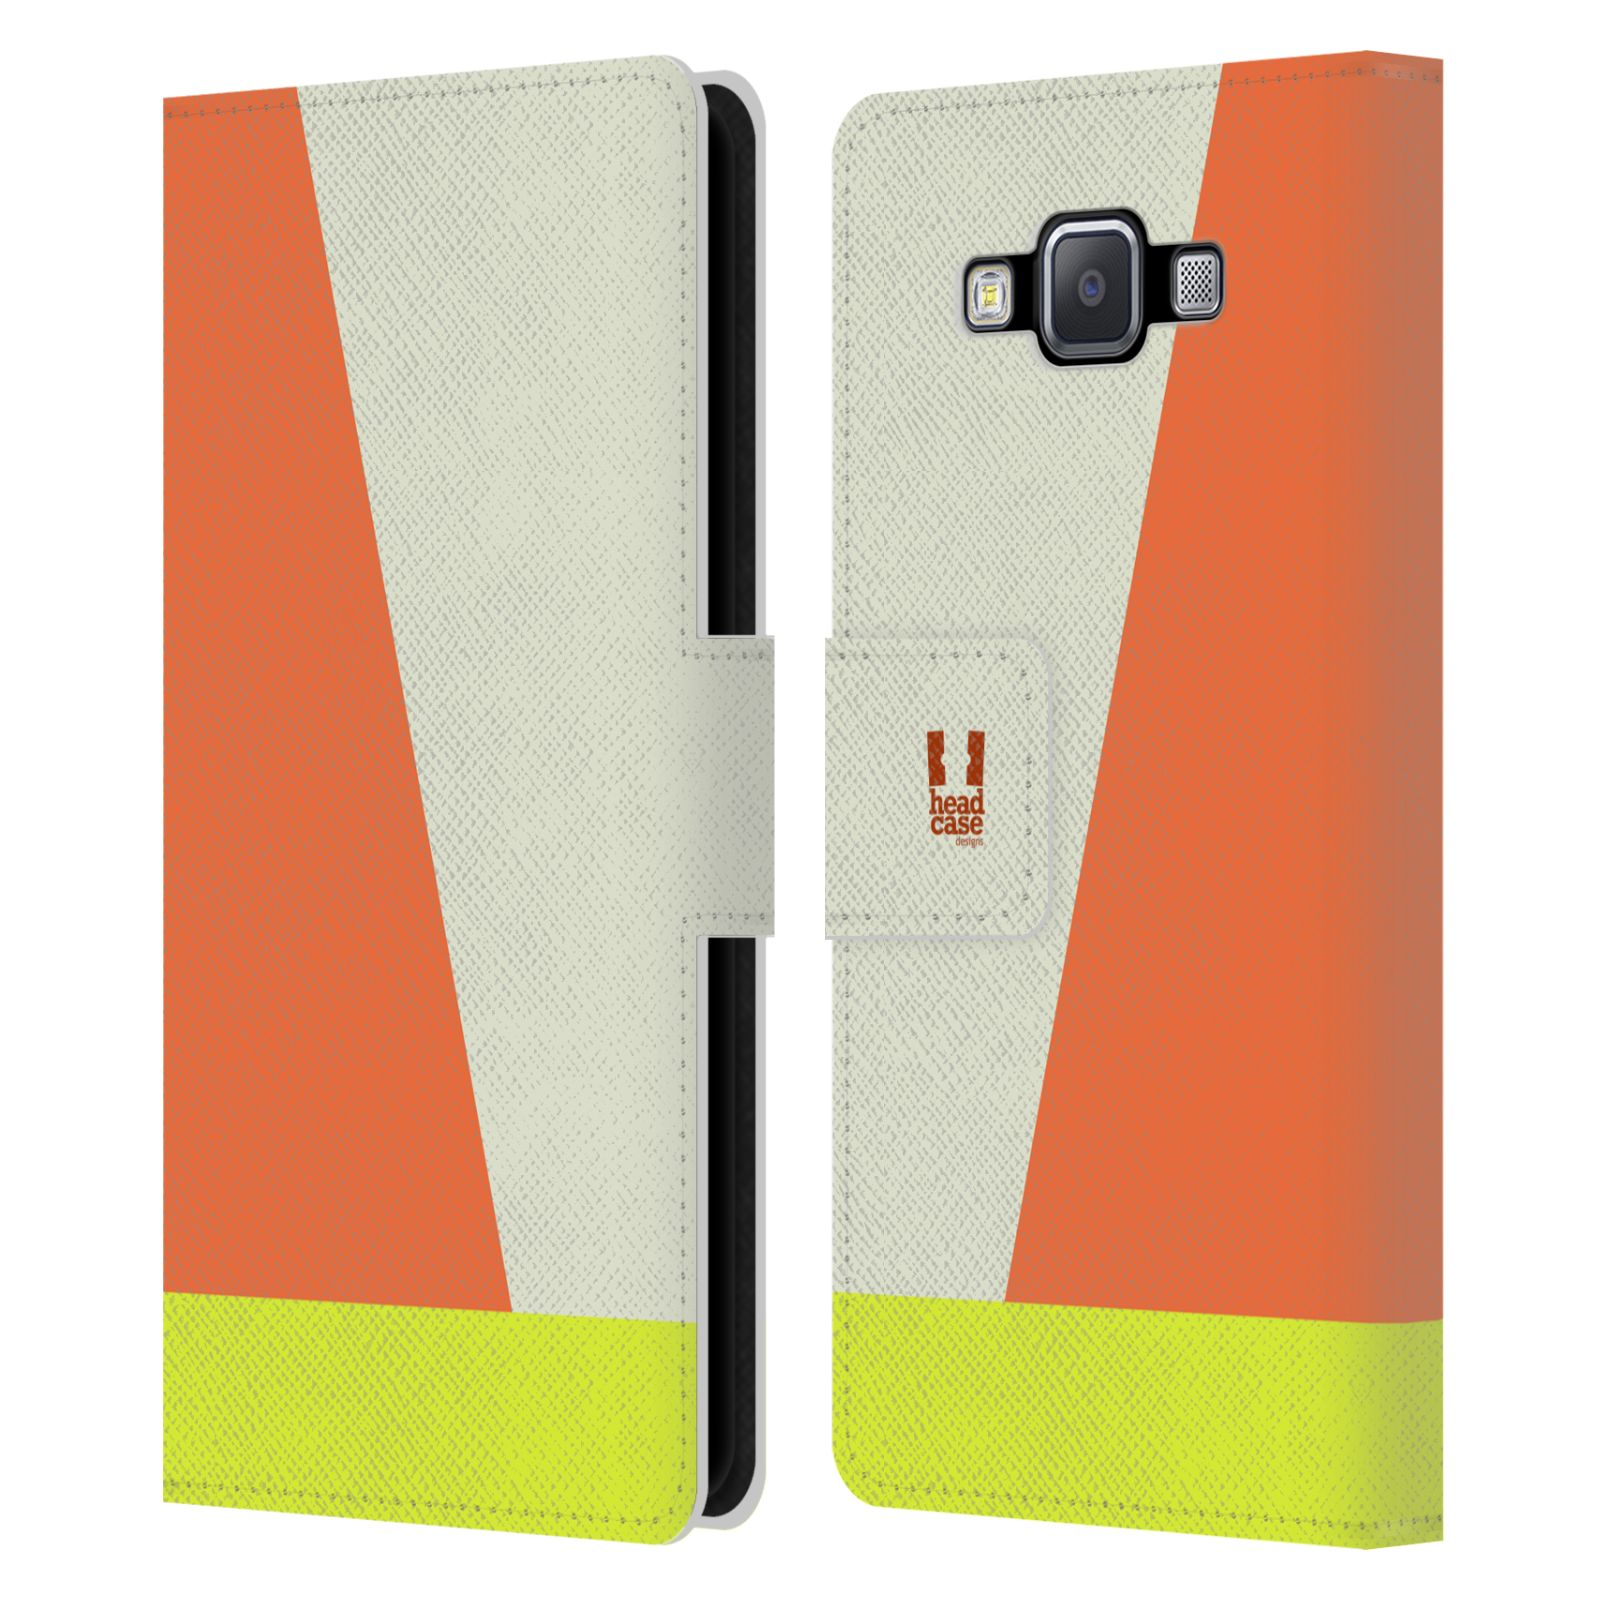 HEAD CASE Flipové pouzdro pro mobil Samsung Galaxy A5 barevné tvary slonová kost